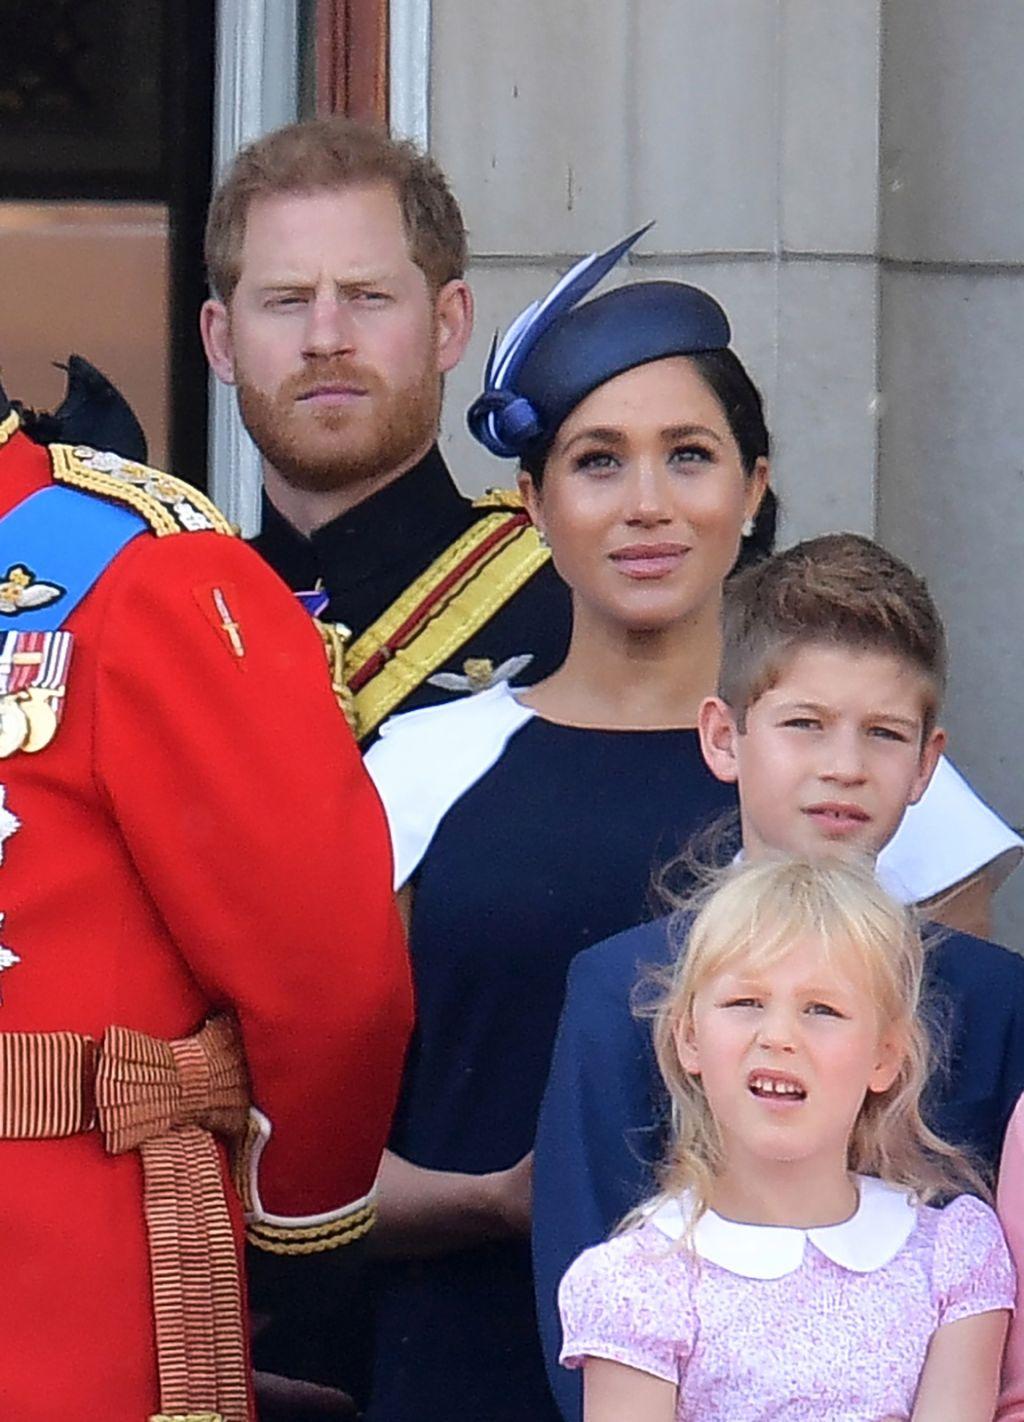 công nương meghan và hoàng tử harry trooping the colour 2019 4